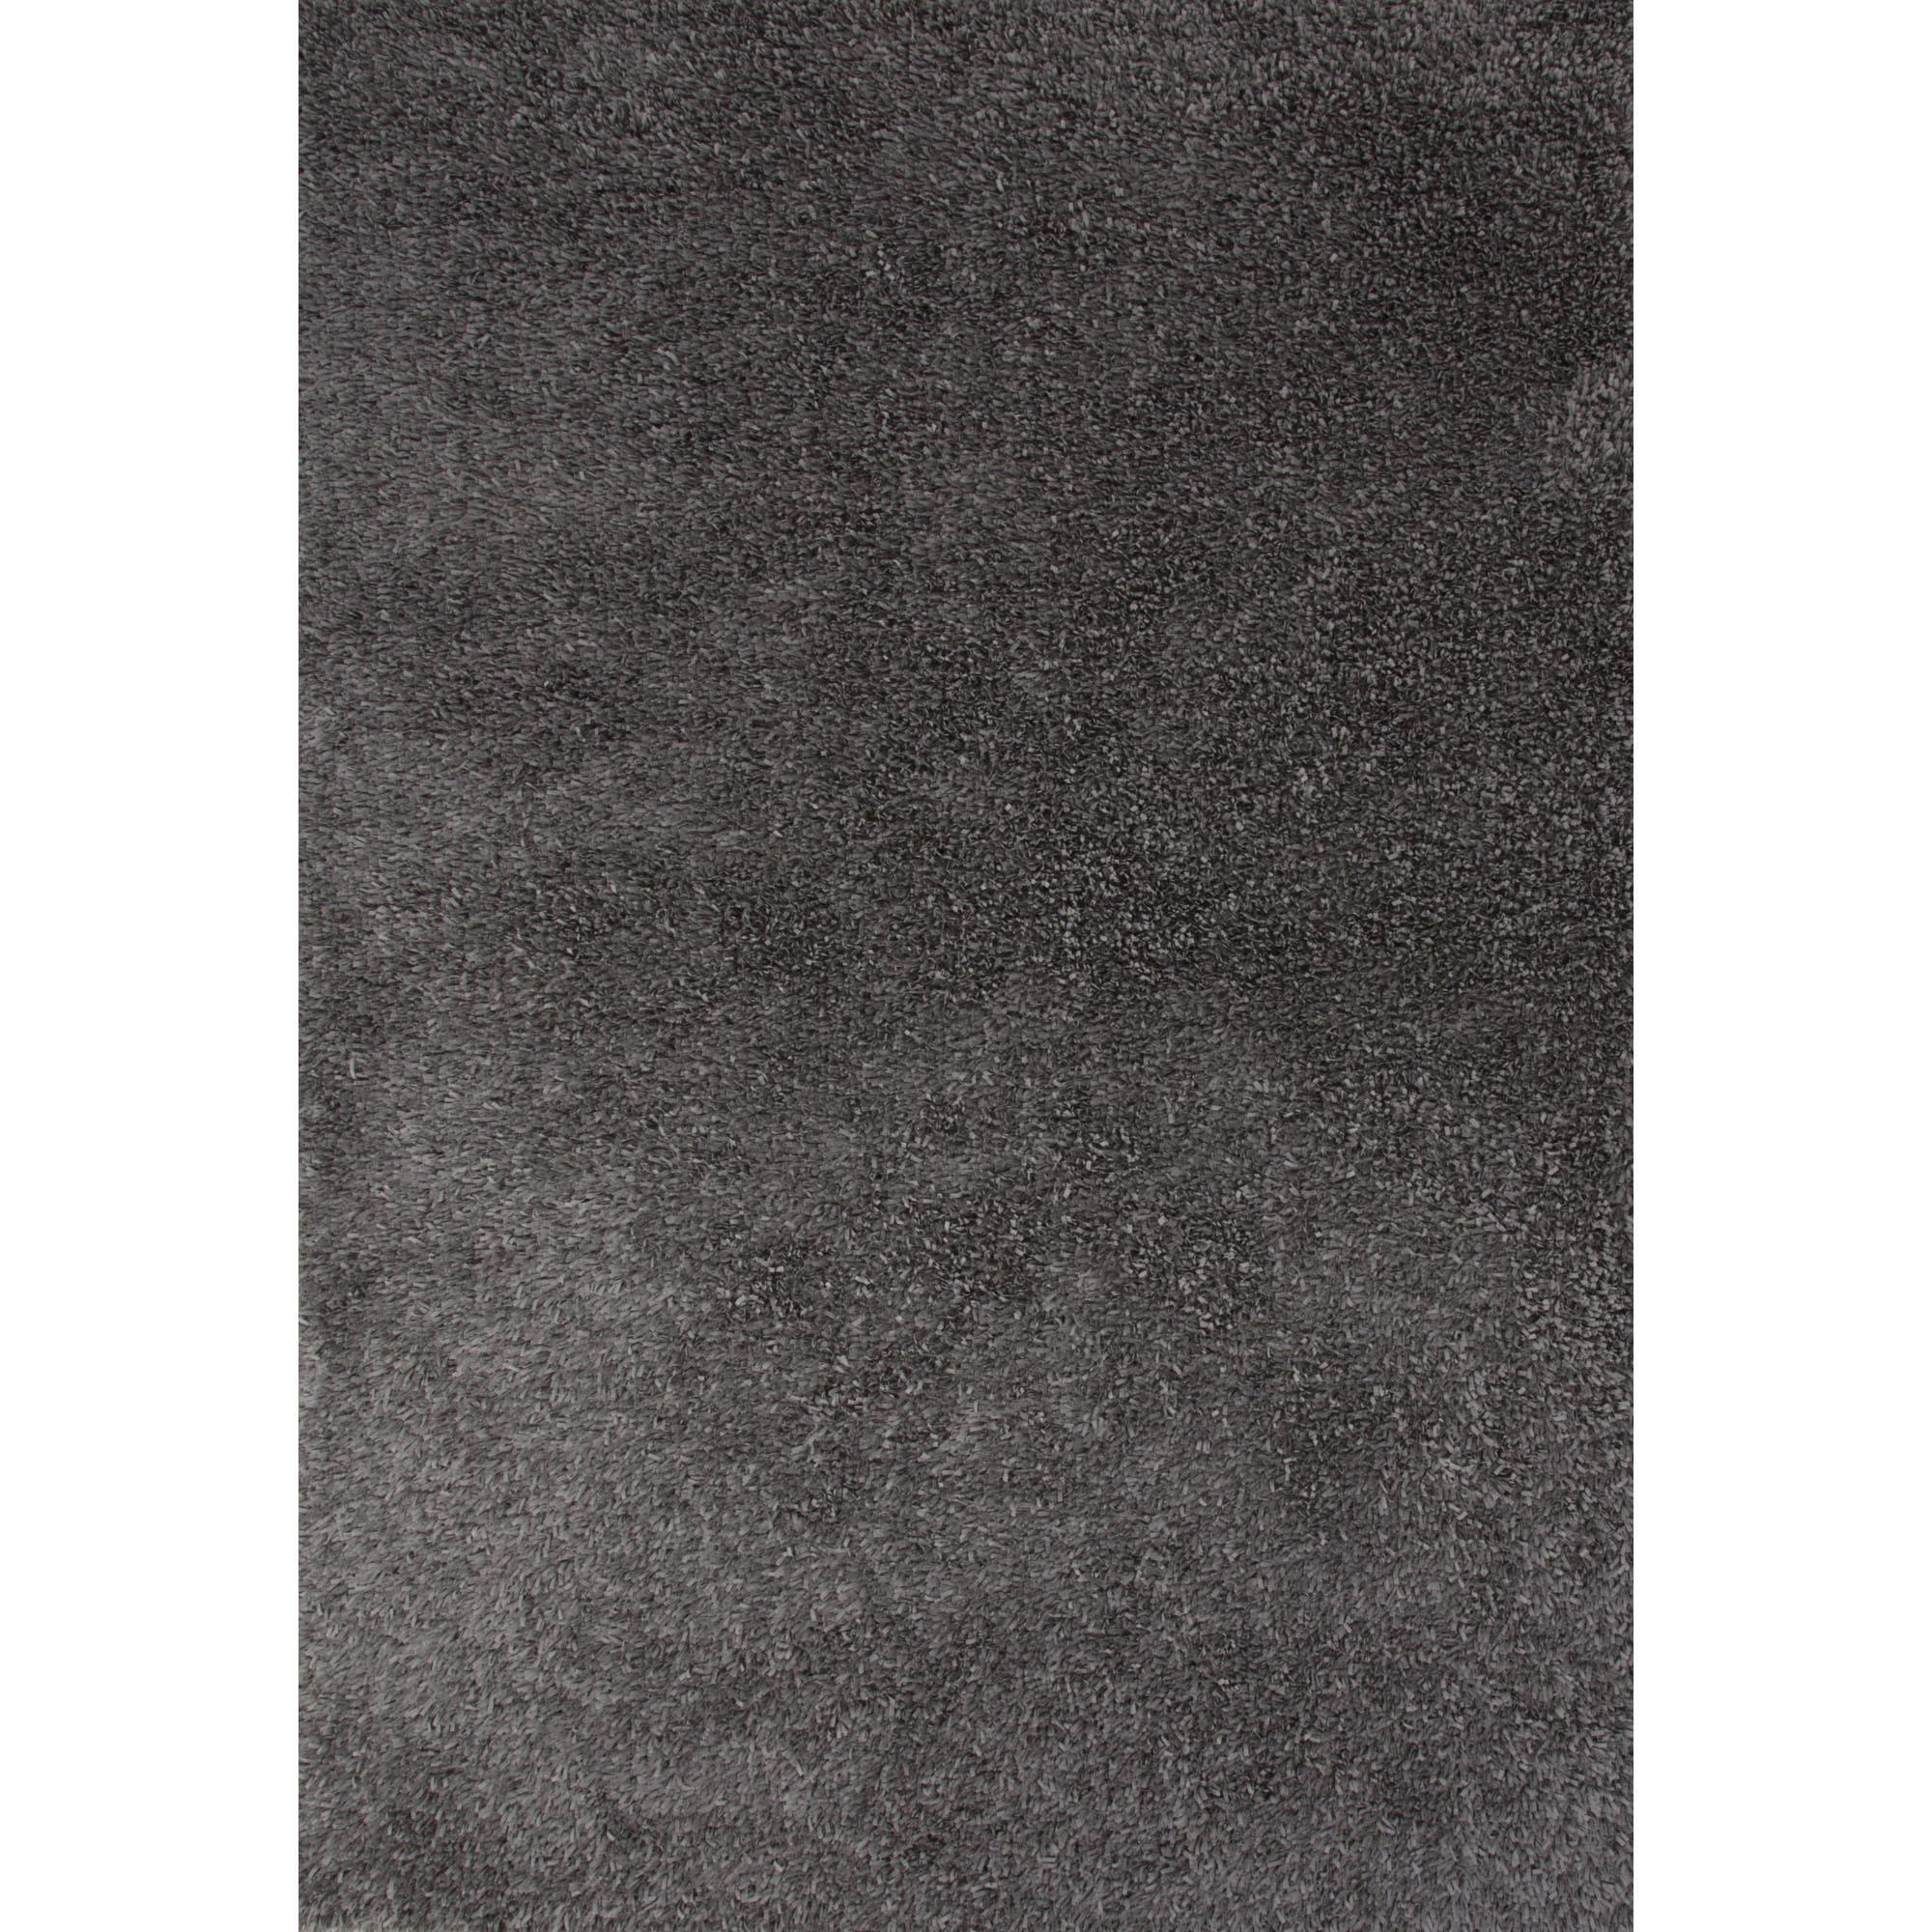 JAIPUR Rugs Cordon 7.6 x 9.6 Rug - Item Number: RUG124581